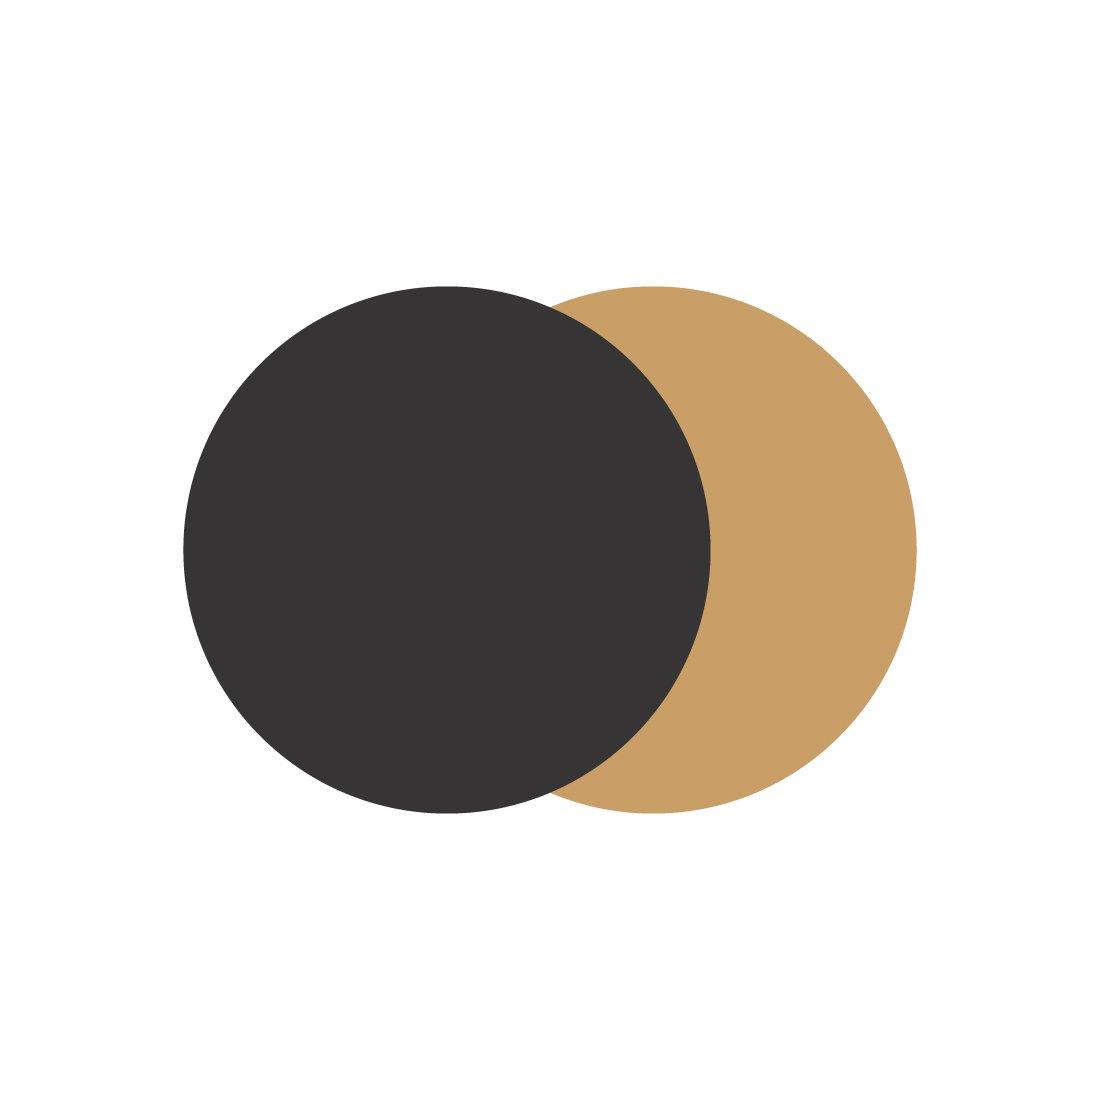 Marset Scotch Wandlamp L Zwart - Goud